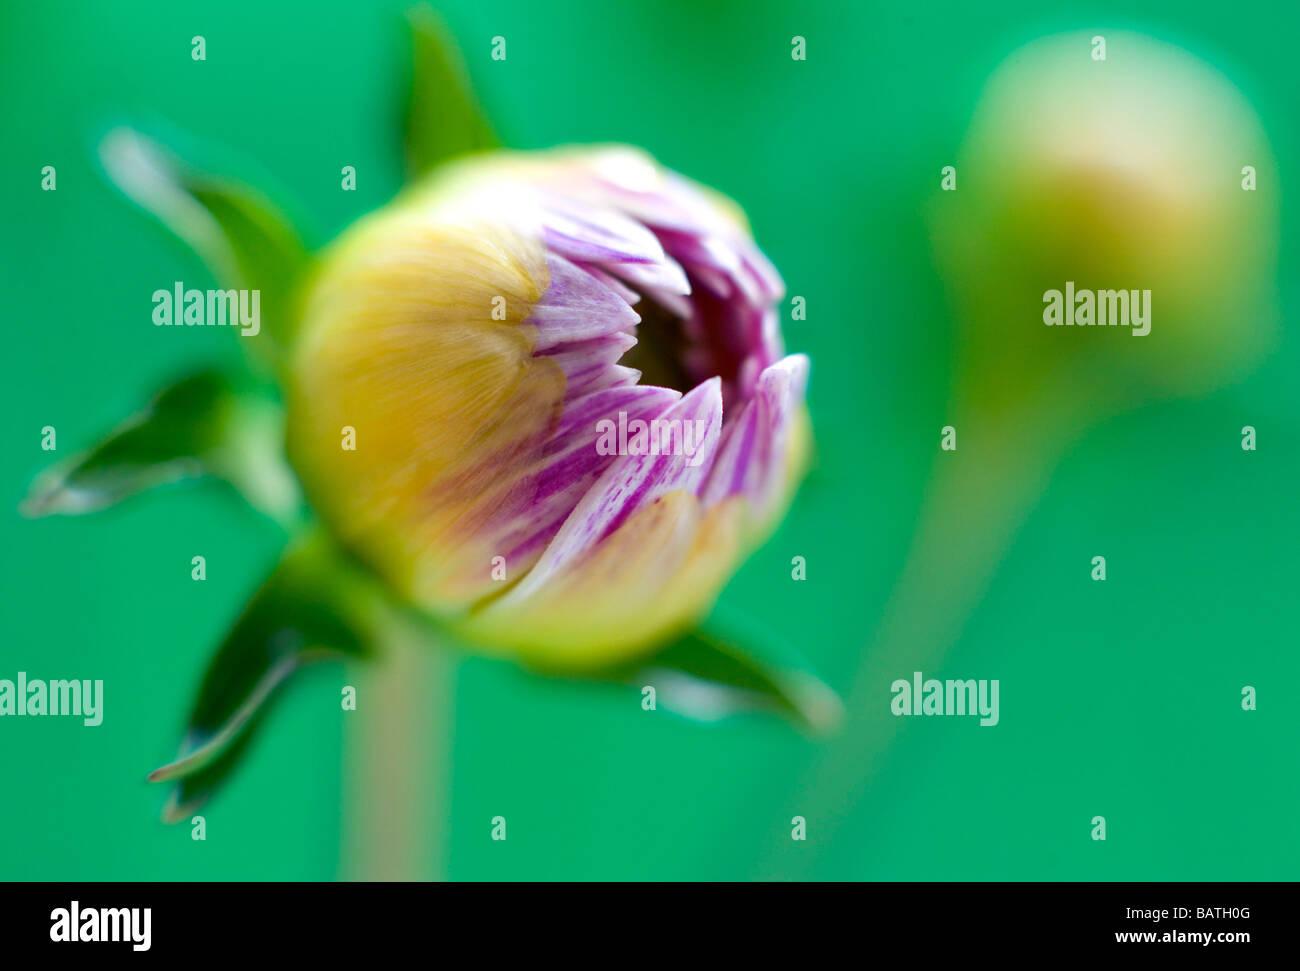 Dahlia bud (Dahlia sp.). - Stock Image